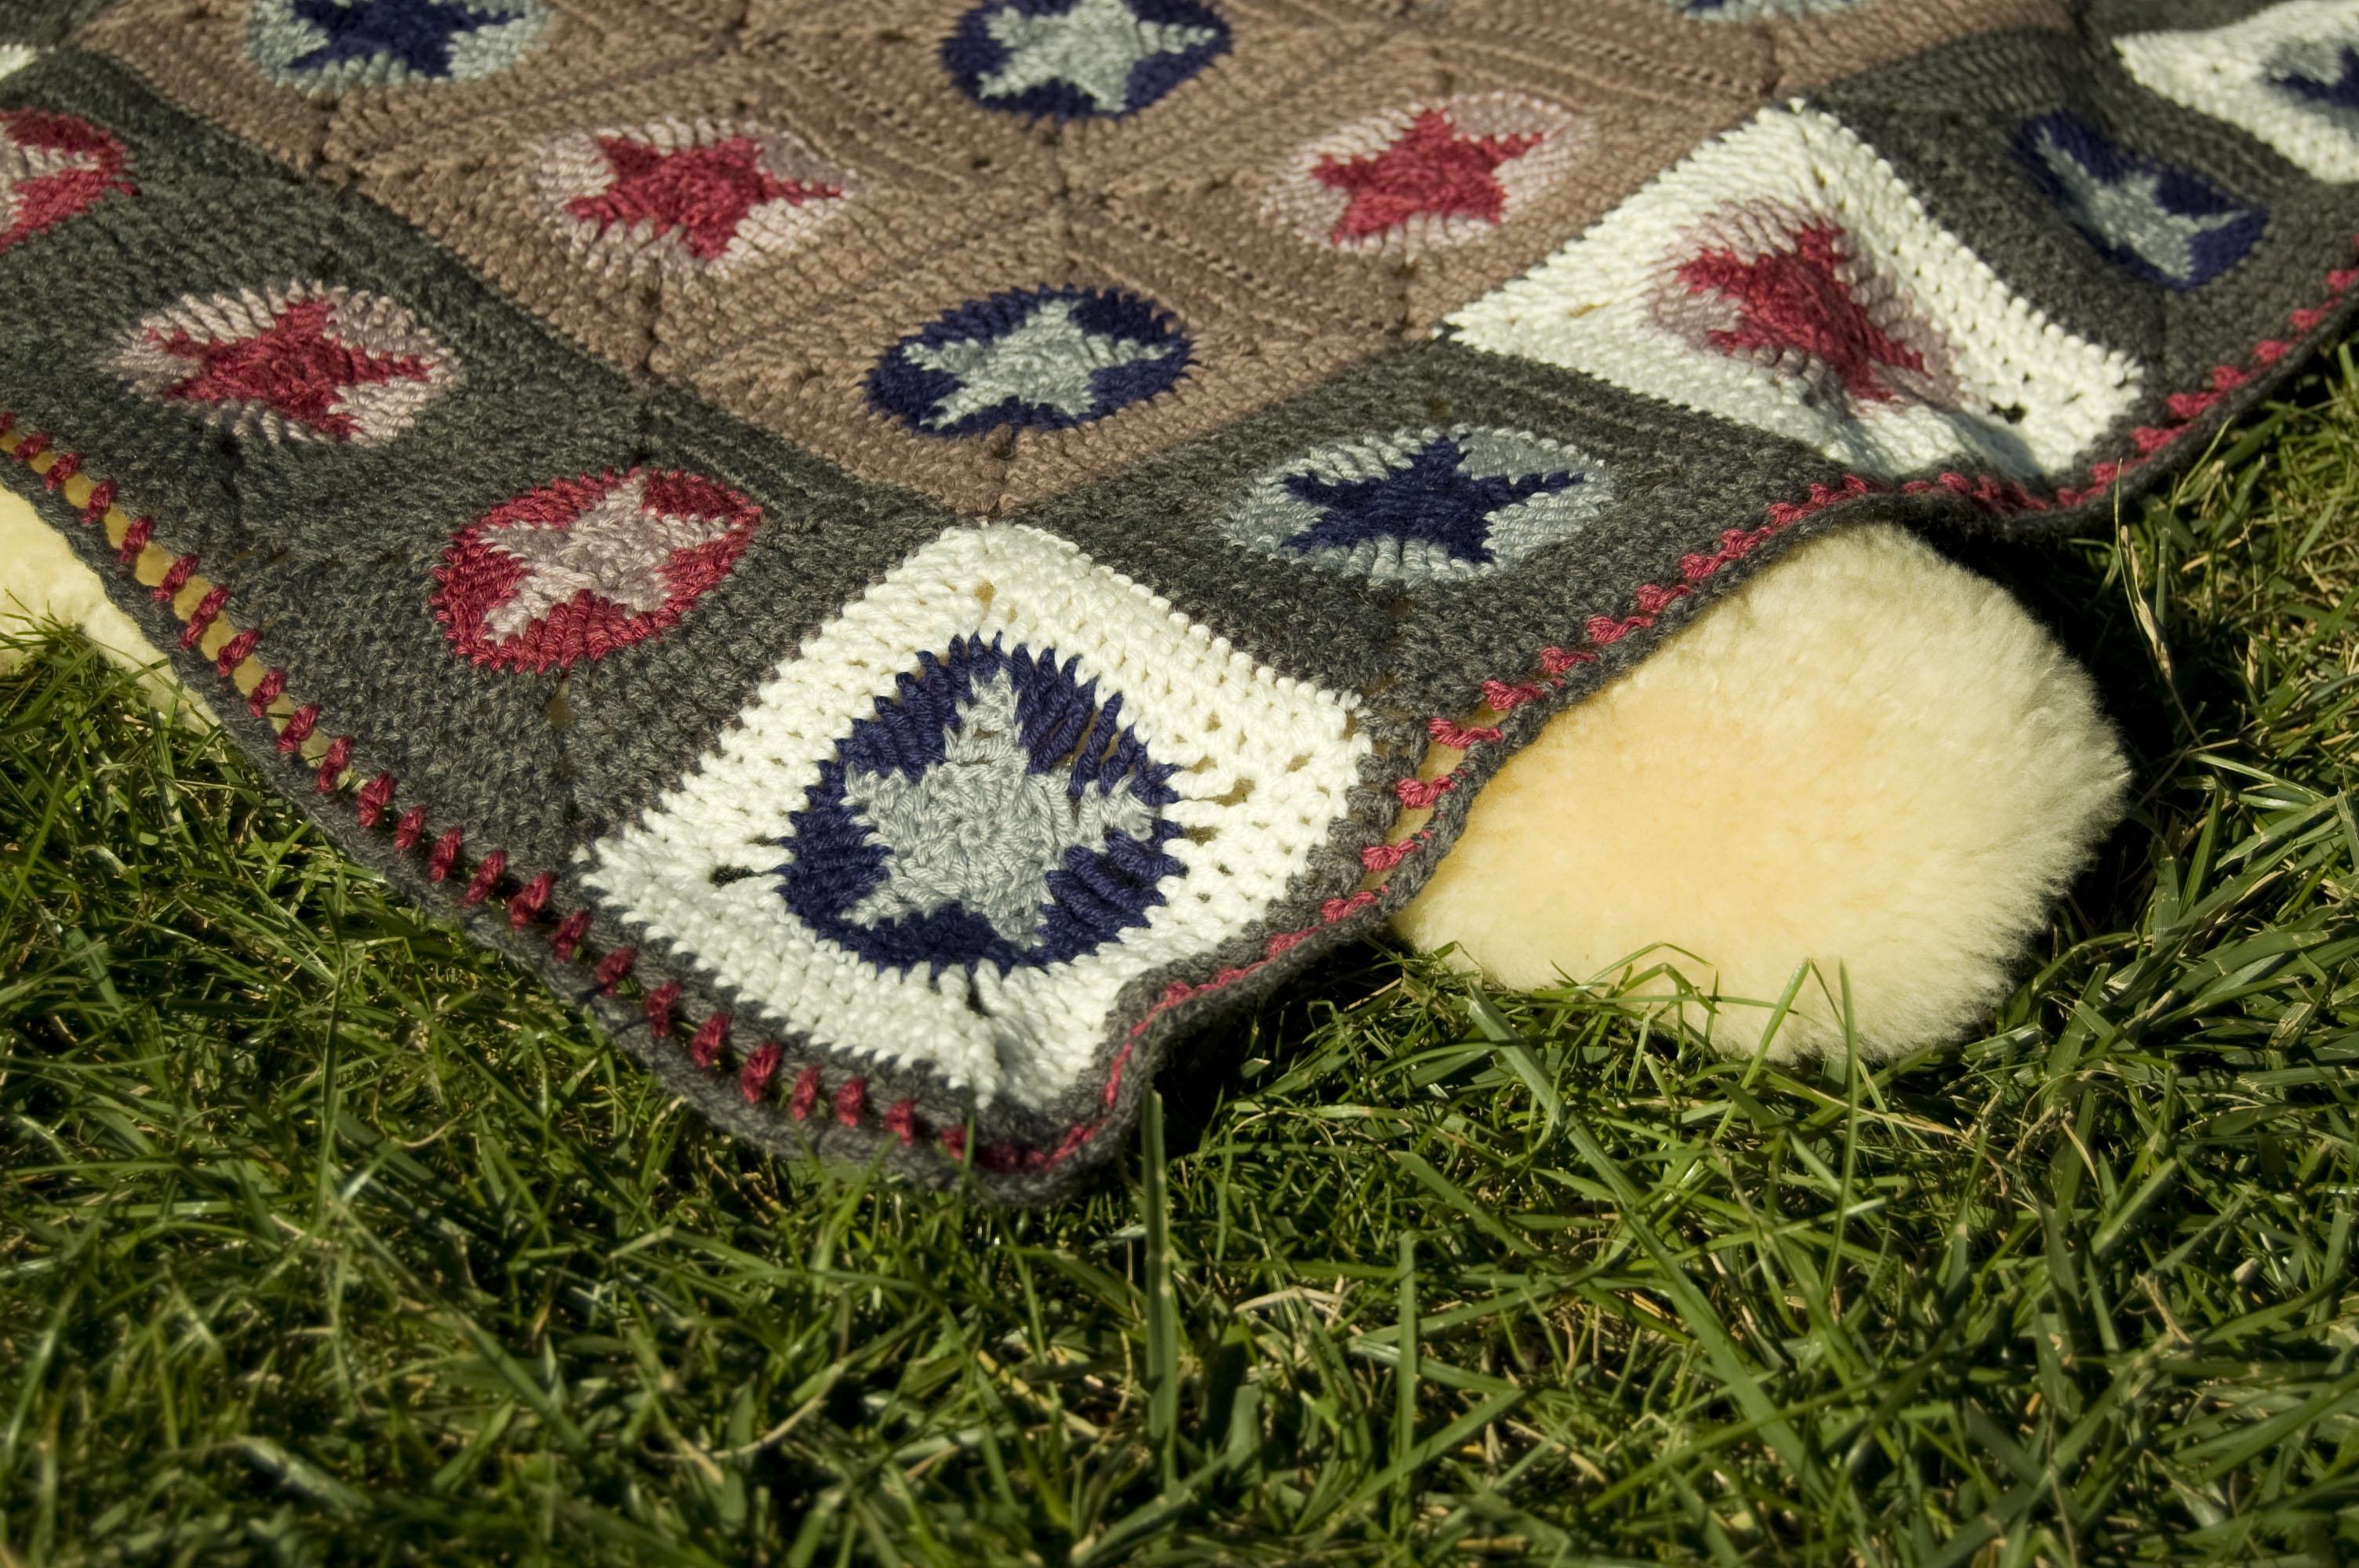 Crochet-Test: plaid bEbE en bamboulene et tobiane Tricot Test ...